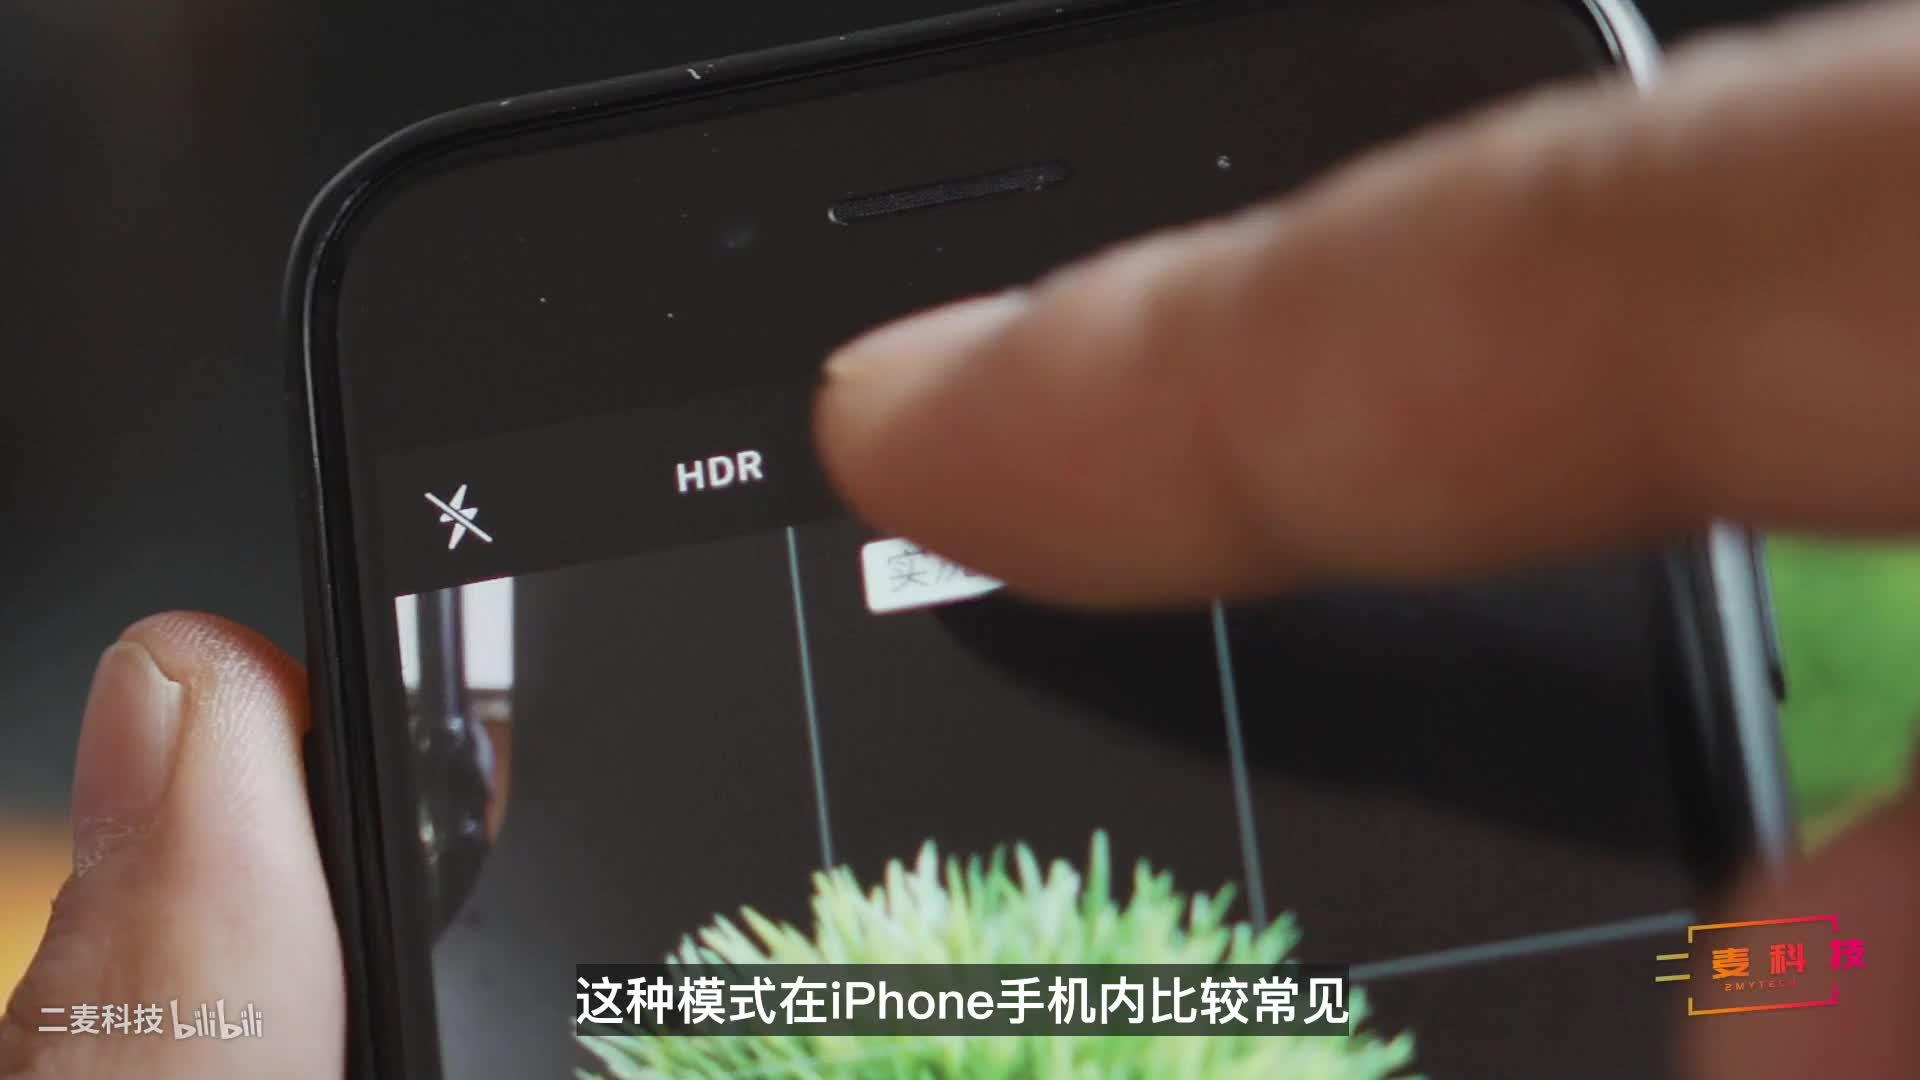 如何用手机拍清快速移动的物体?手机摄影之抓拍技巧总结